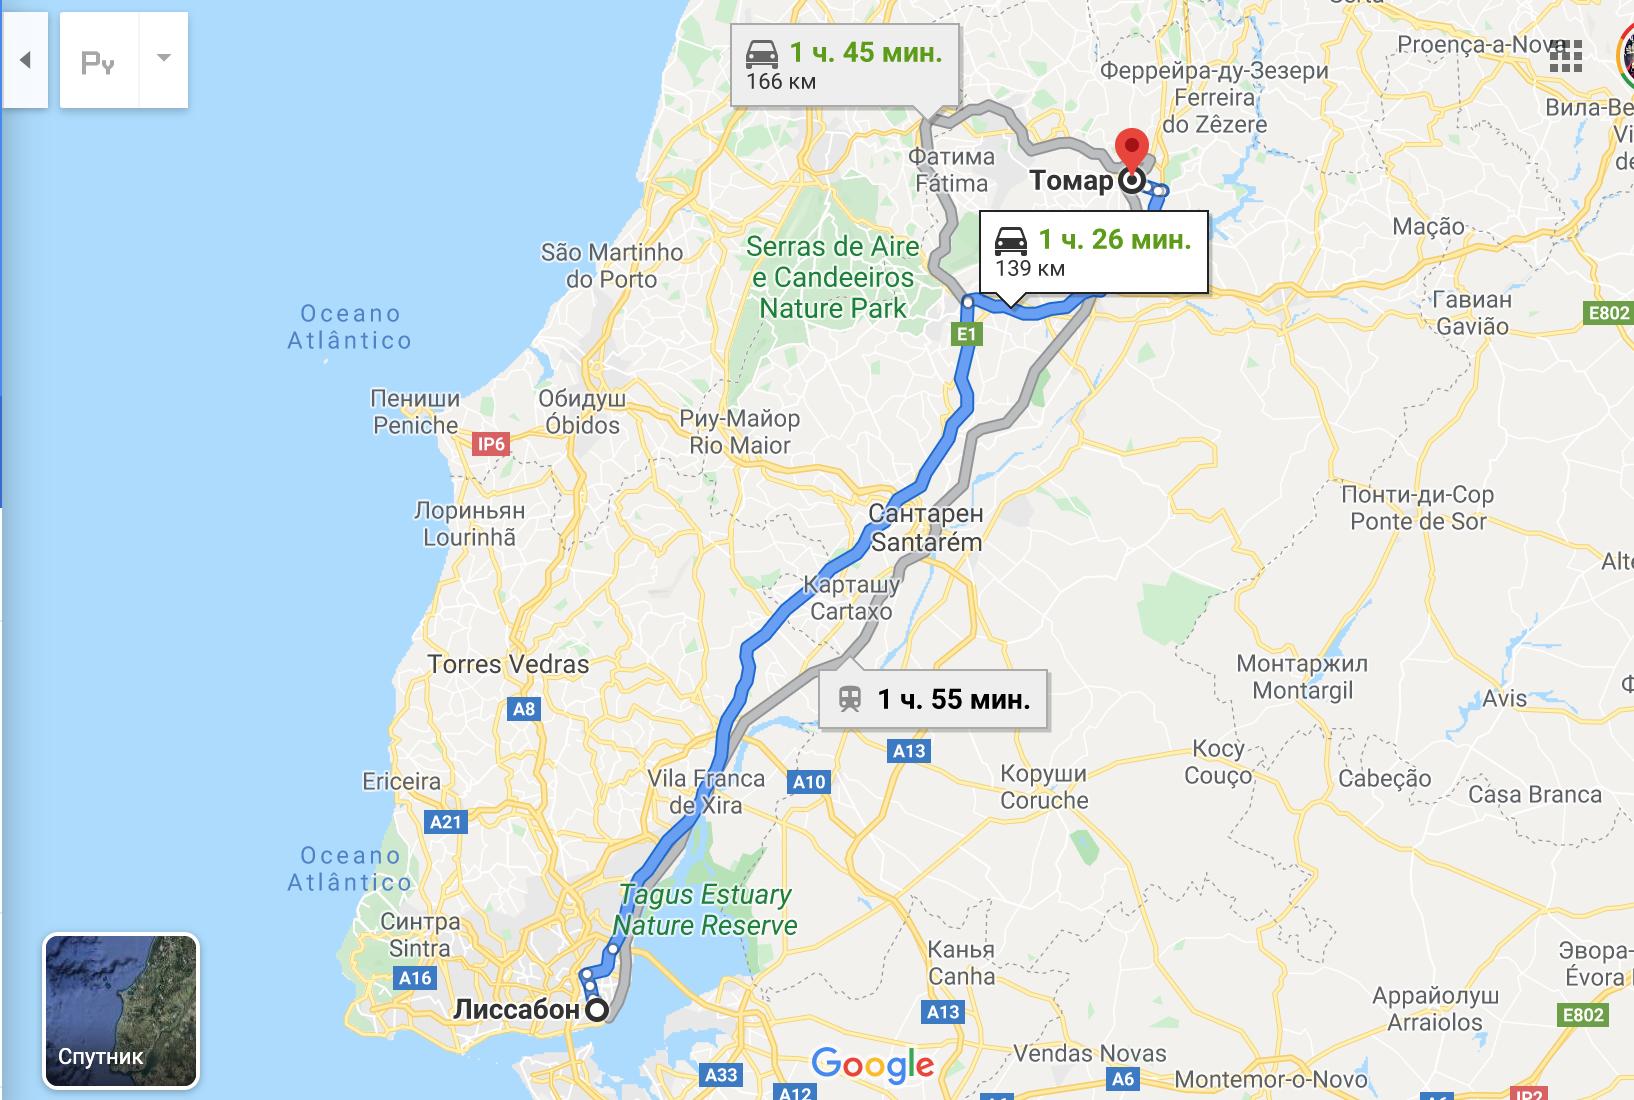 Лиссабон - Томар